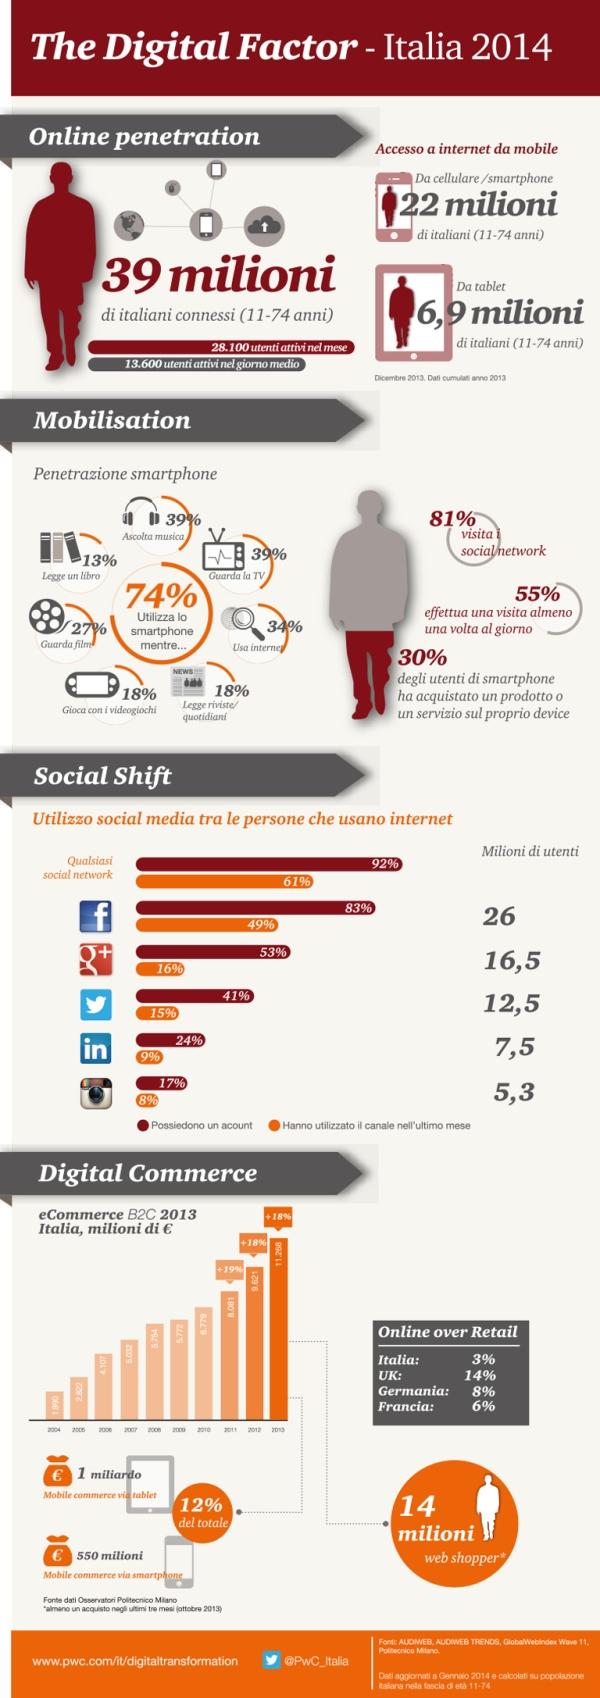 infographic-2014